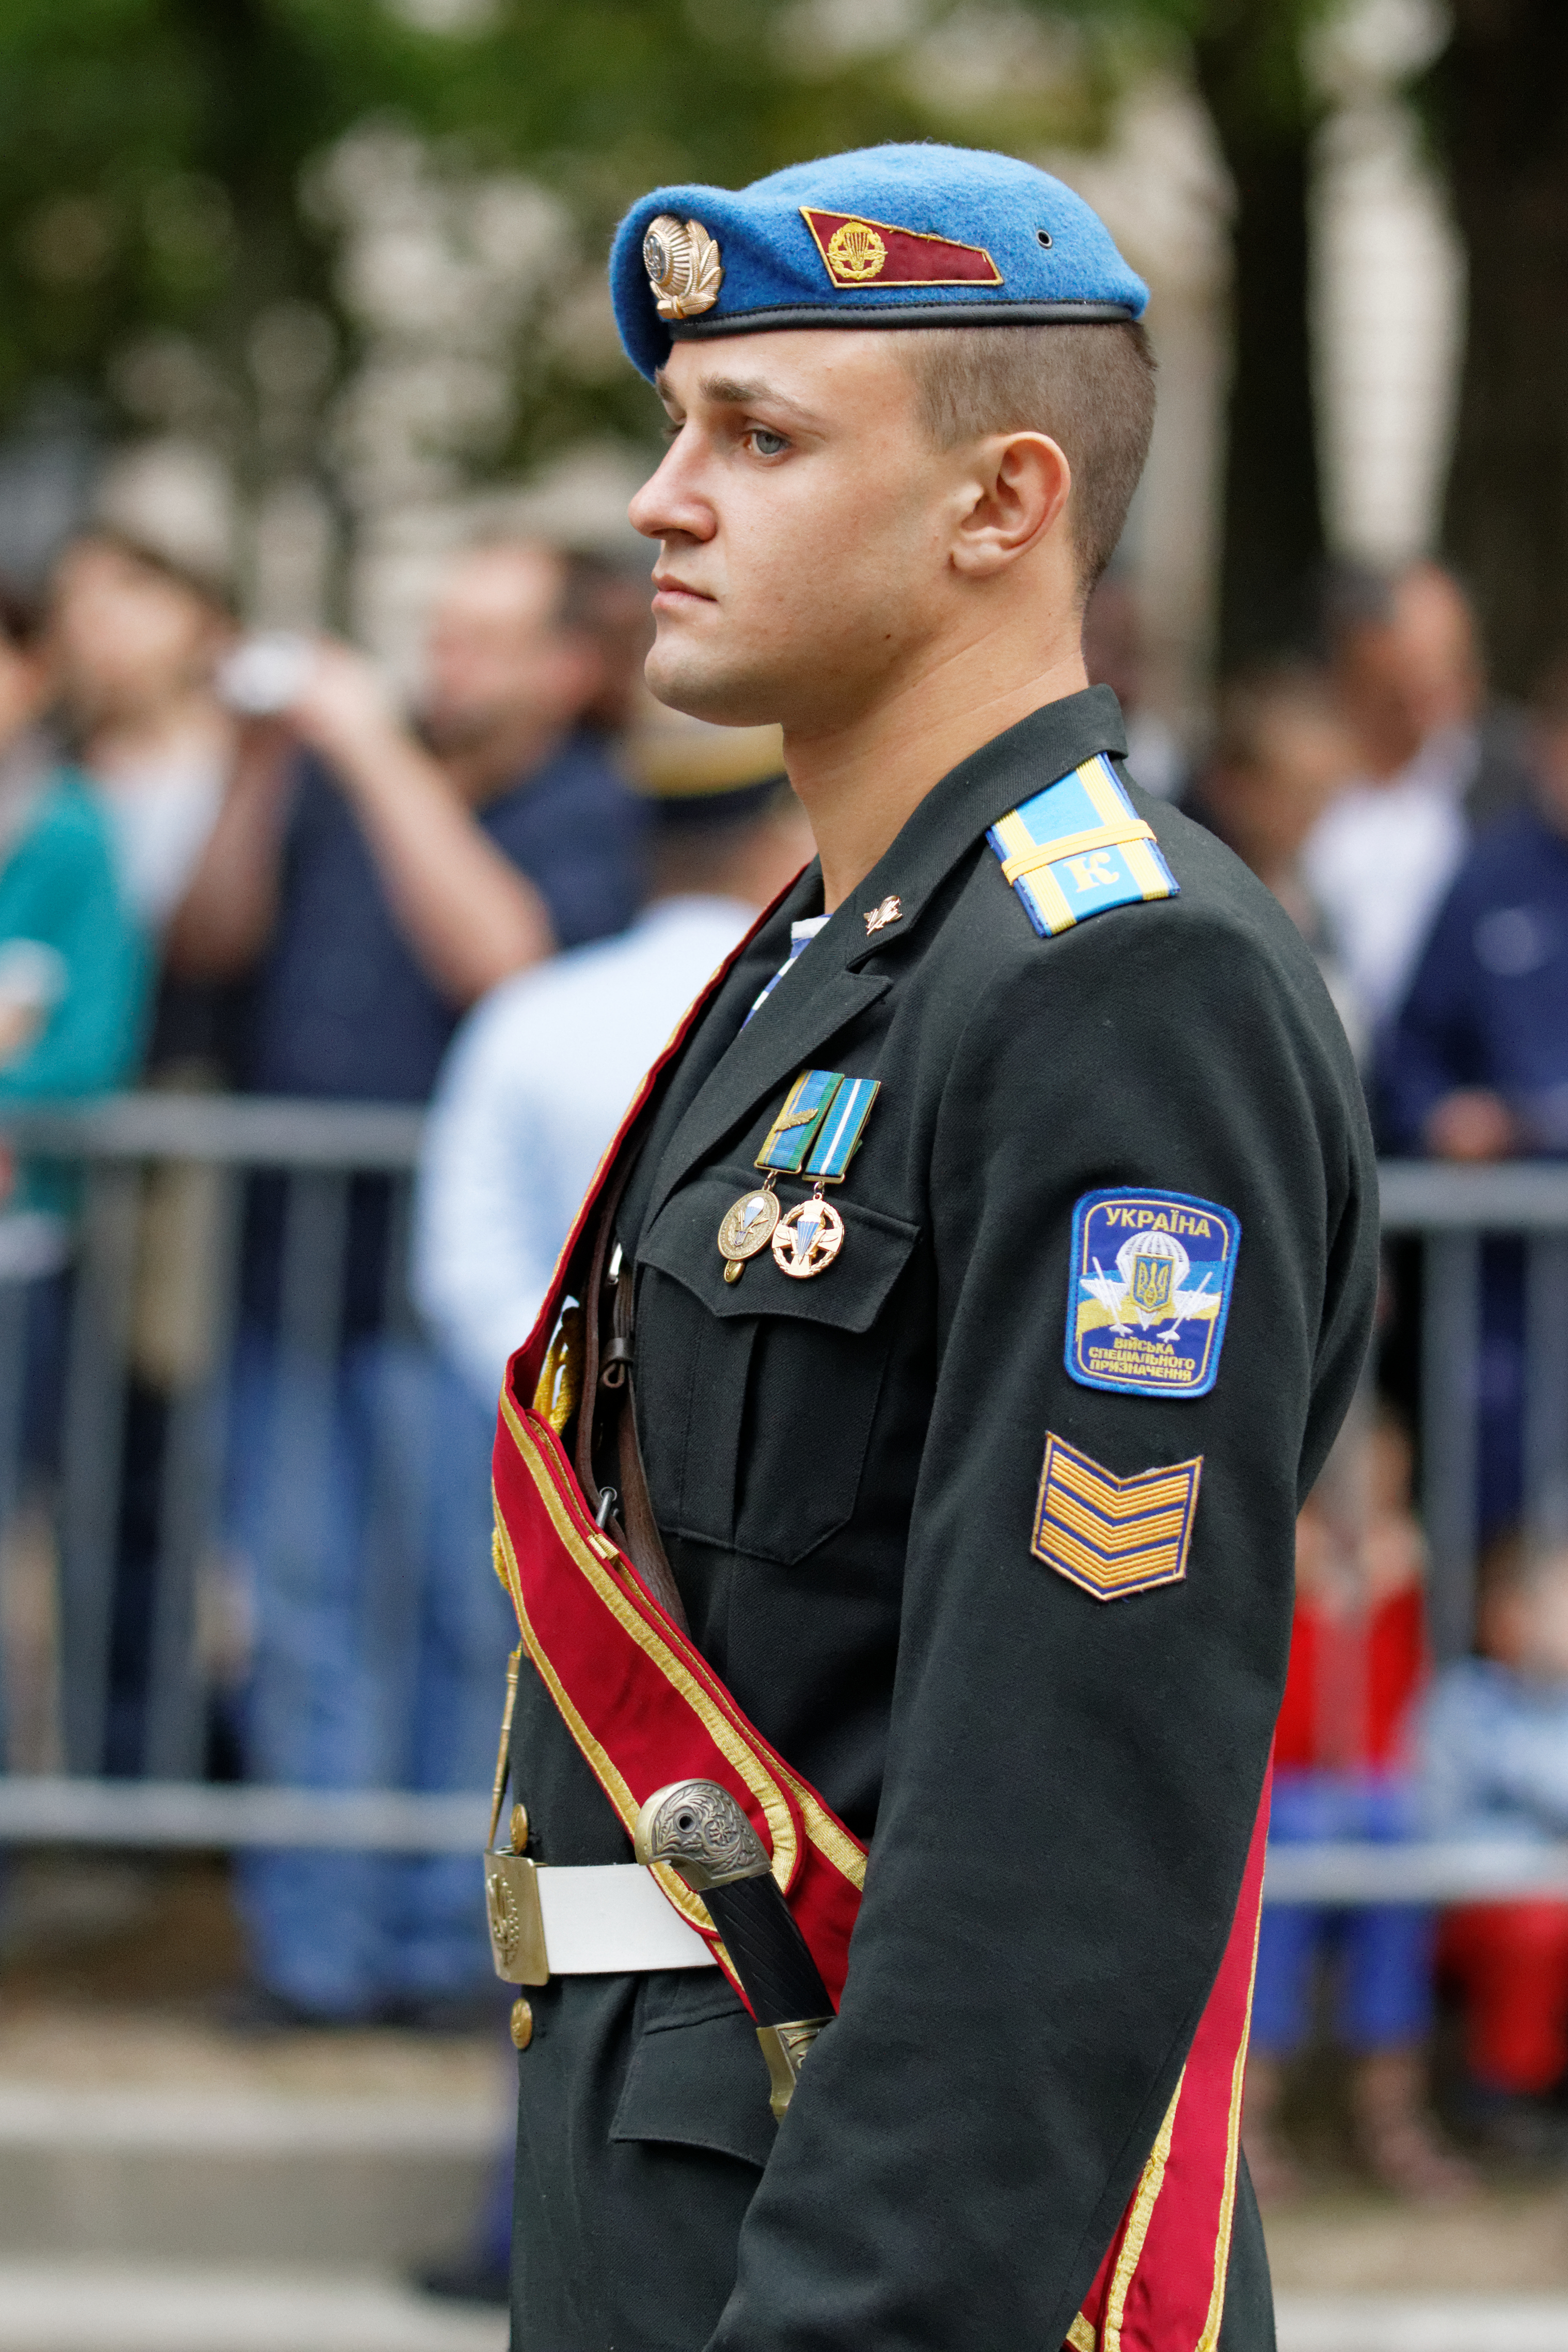 b17015def89 Military beret - Wikipedia